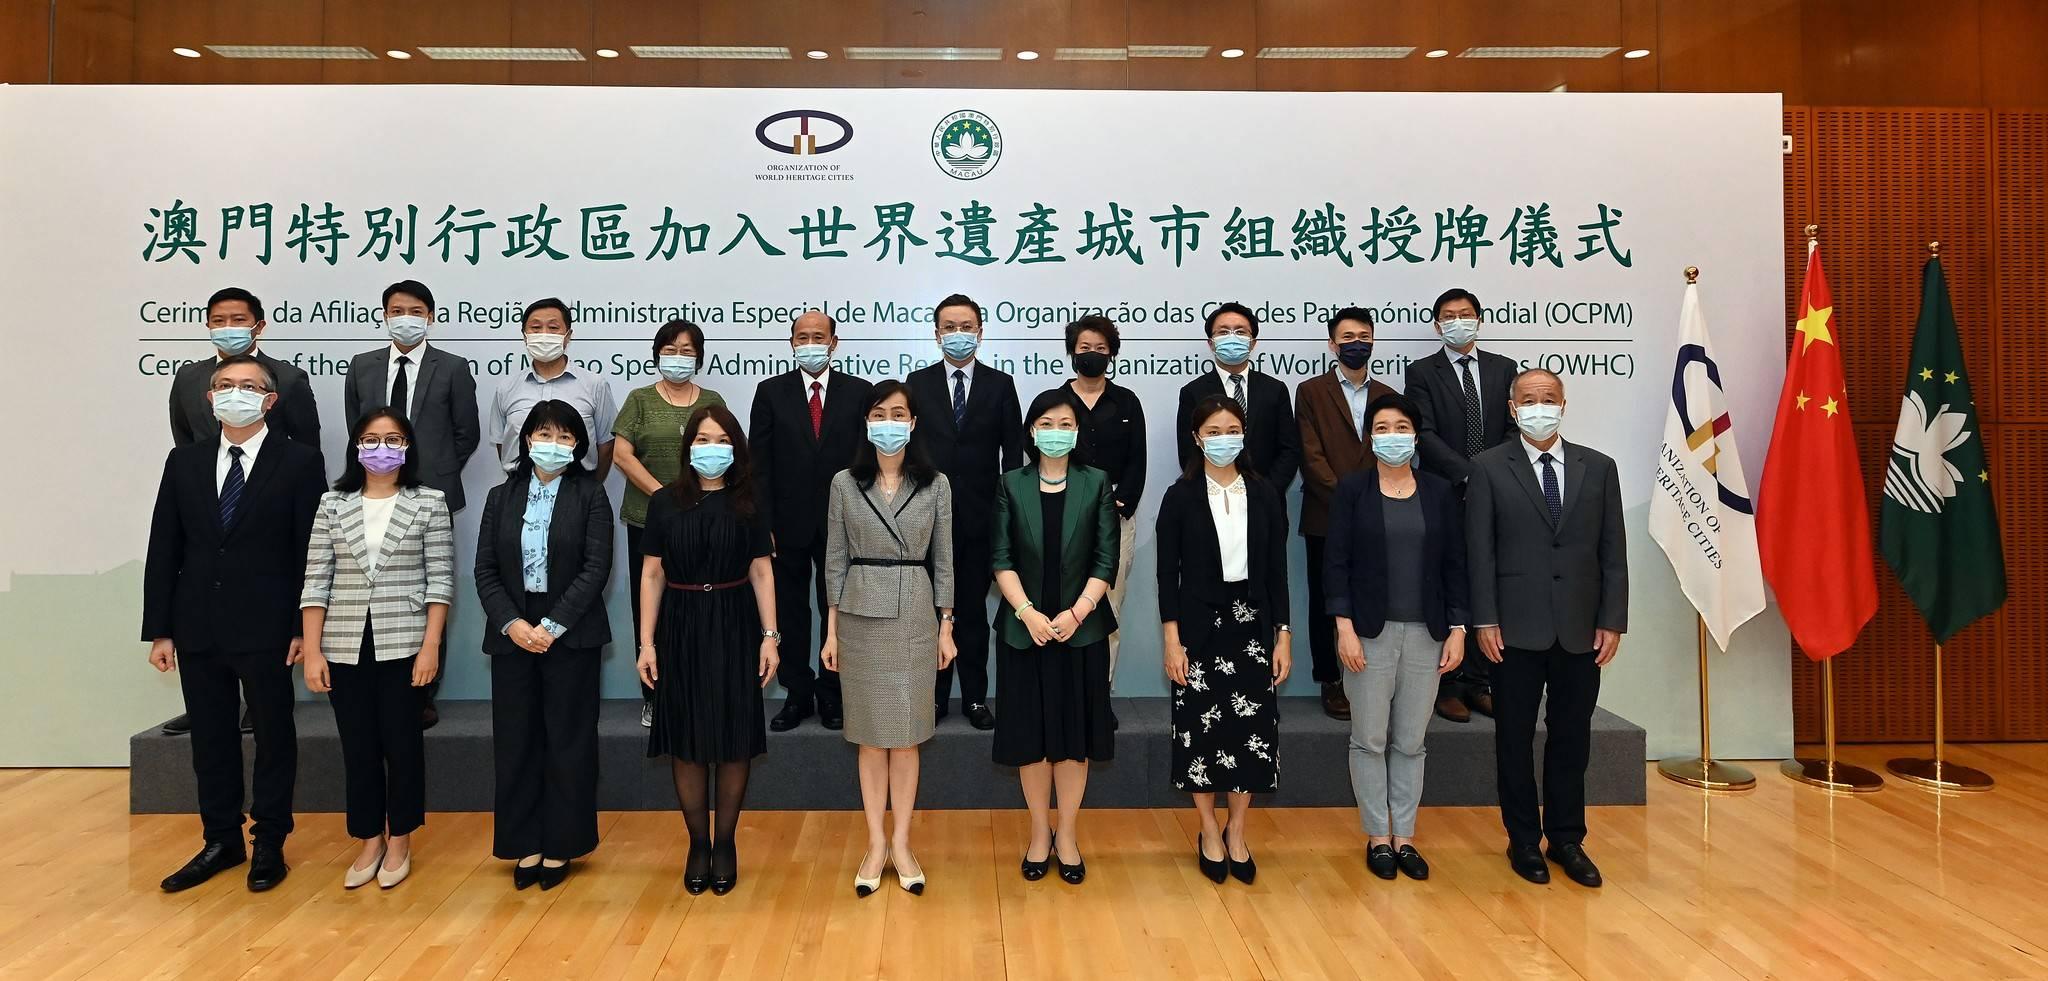 澳门加入世界遗产城市组织,成为中国第三个会员城市